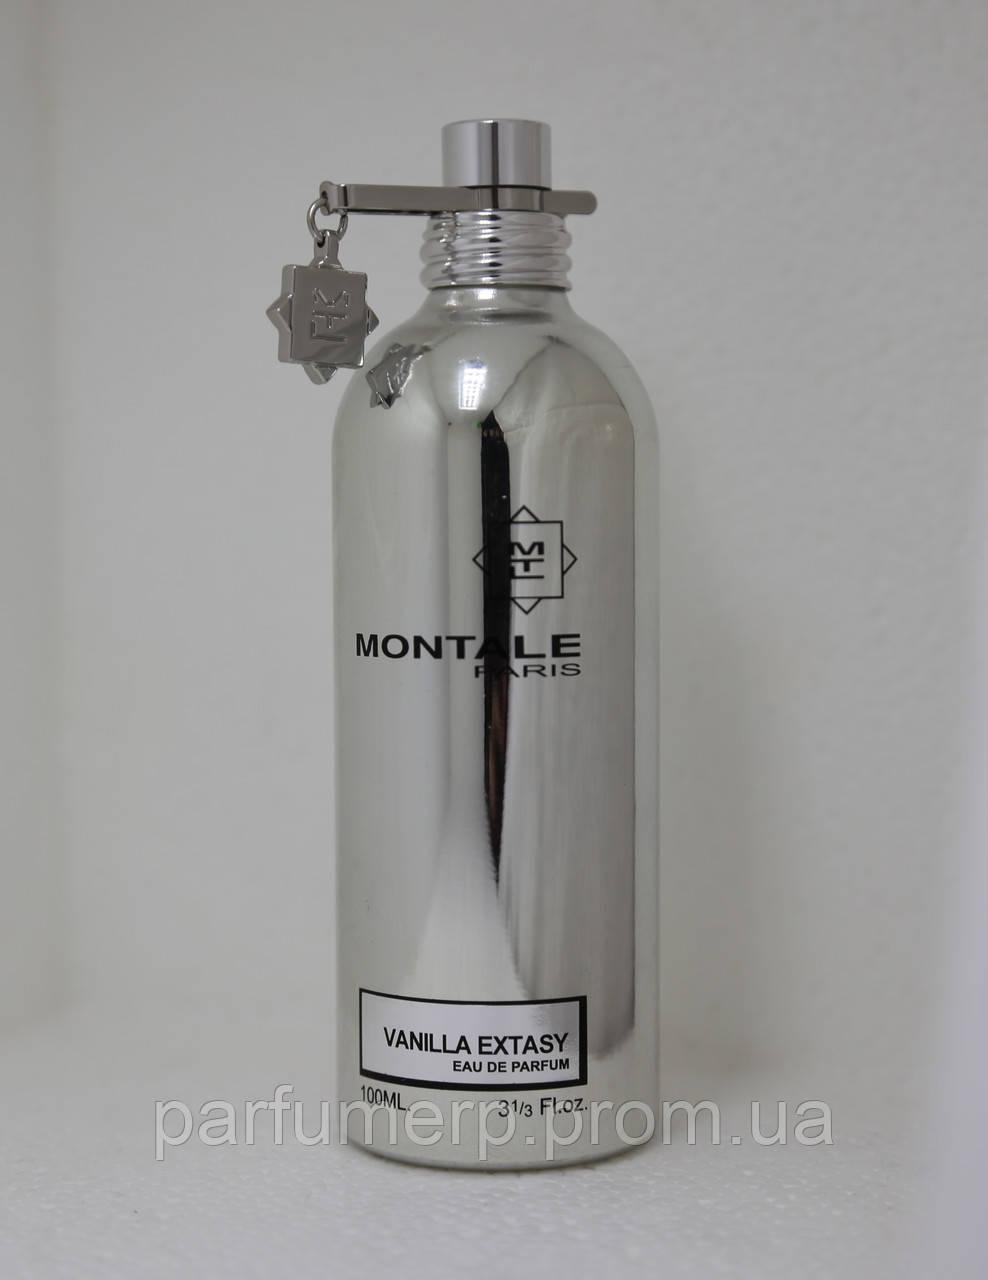 Montale Vanilla Extasy (100мл), Unisex Парфюмированная вода Тестер - Оригинал!